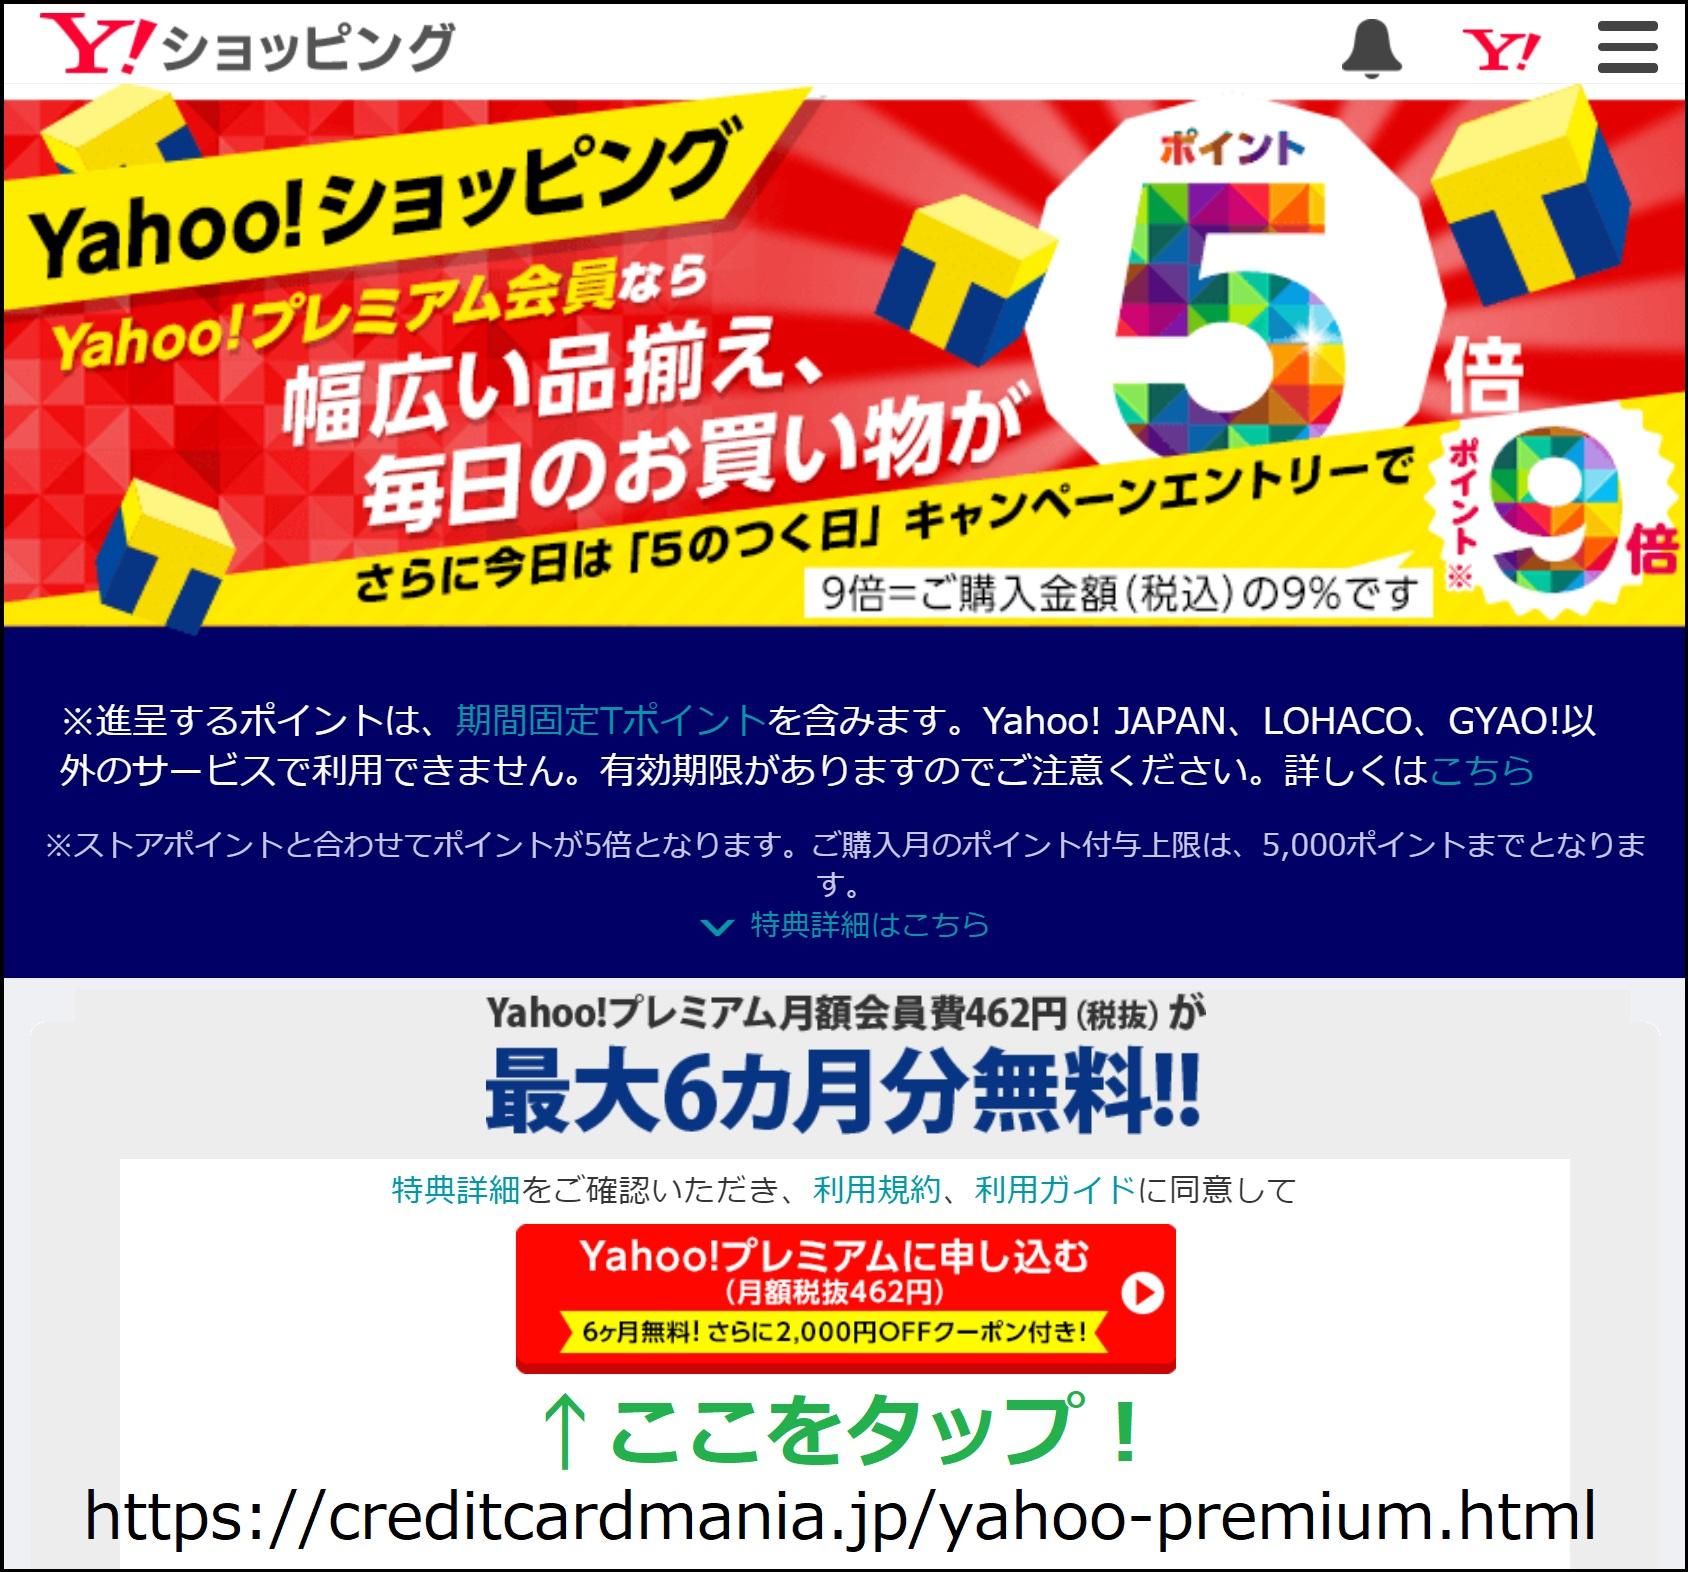 ヤフープレミアムの6ヶ月無料でお試し+2,000円クーポン付申し込み